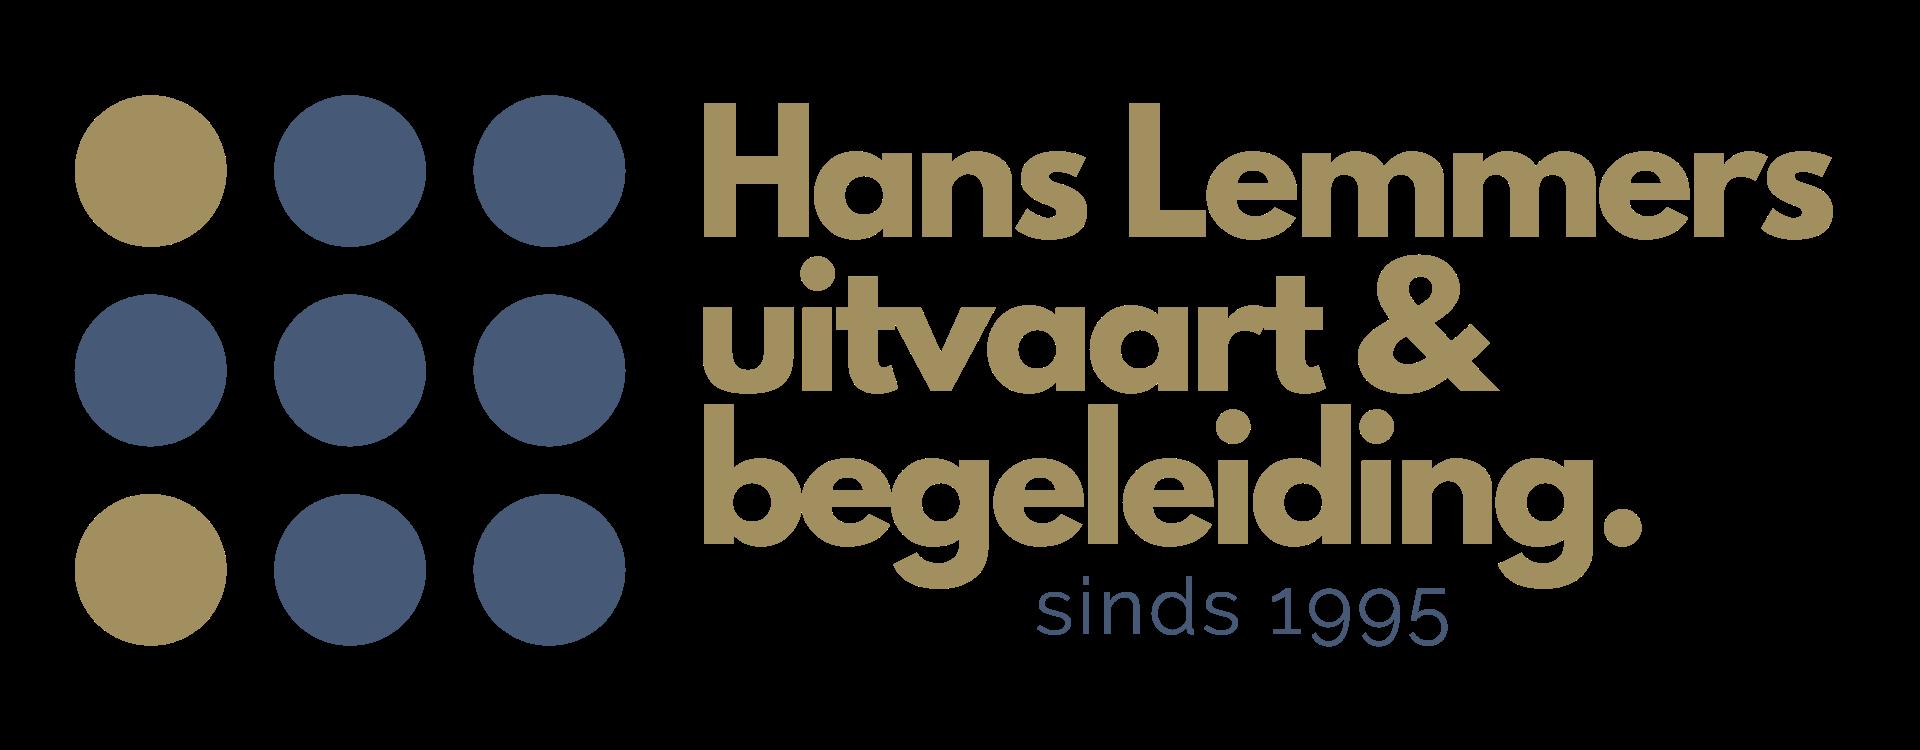 Hans Lemmers uitvaart & begeleiding.